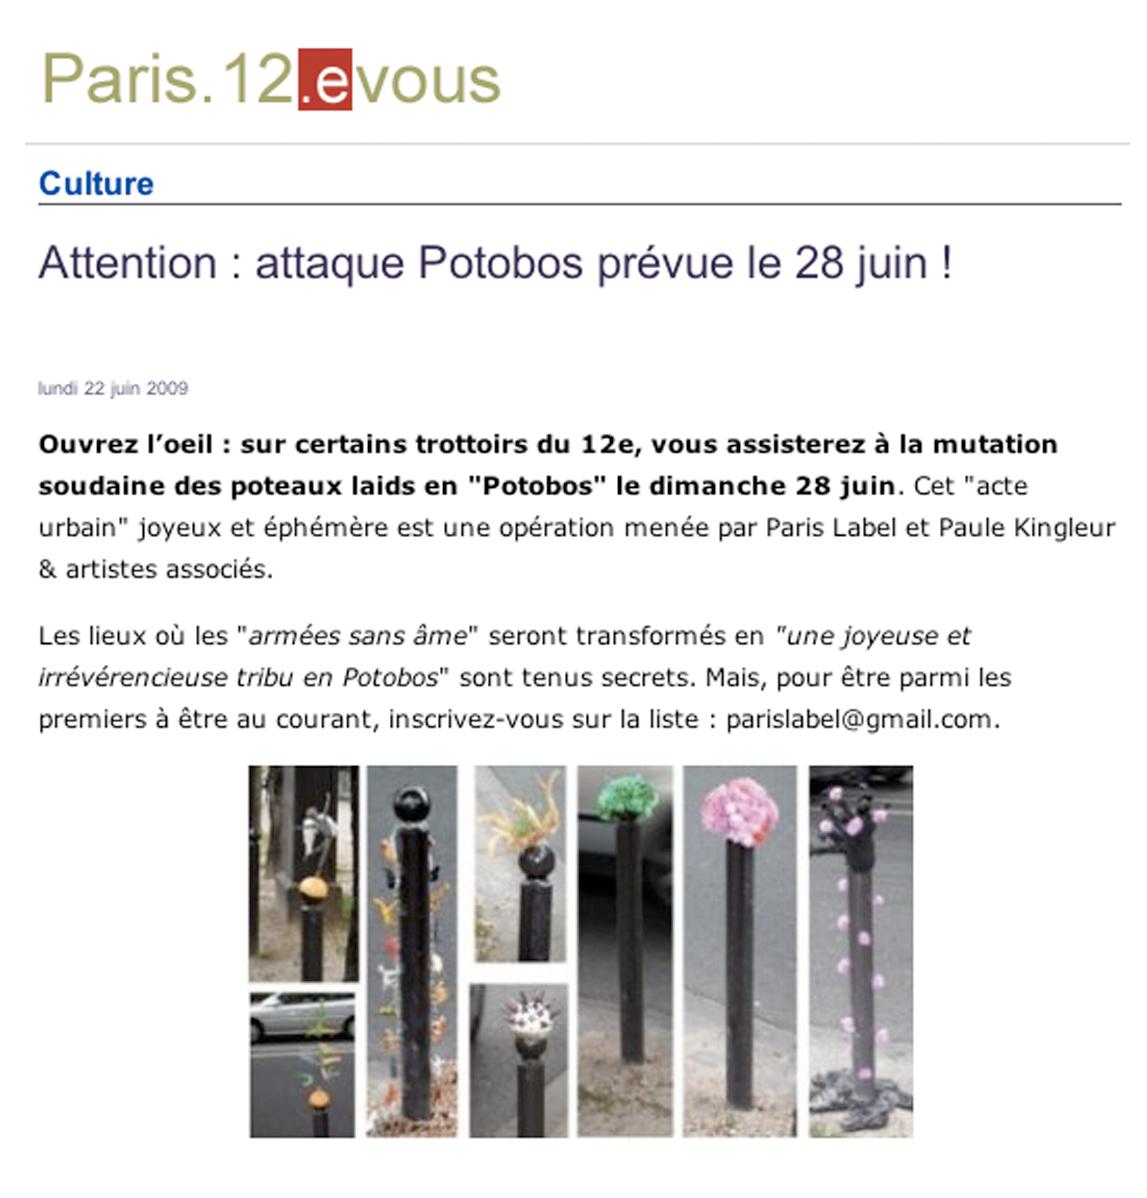 Presse Paris 12 evous